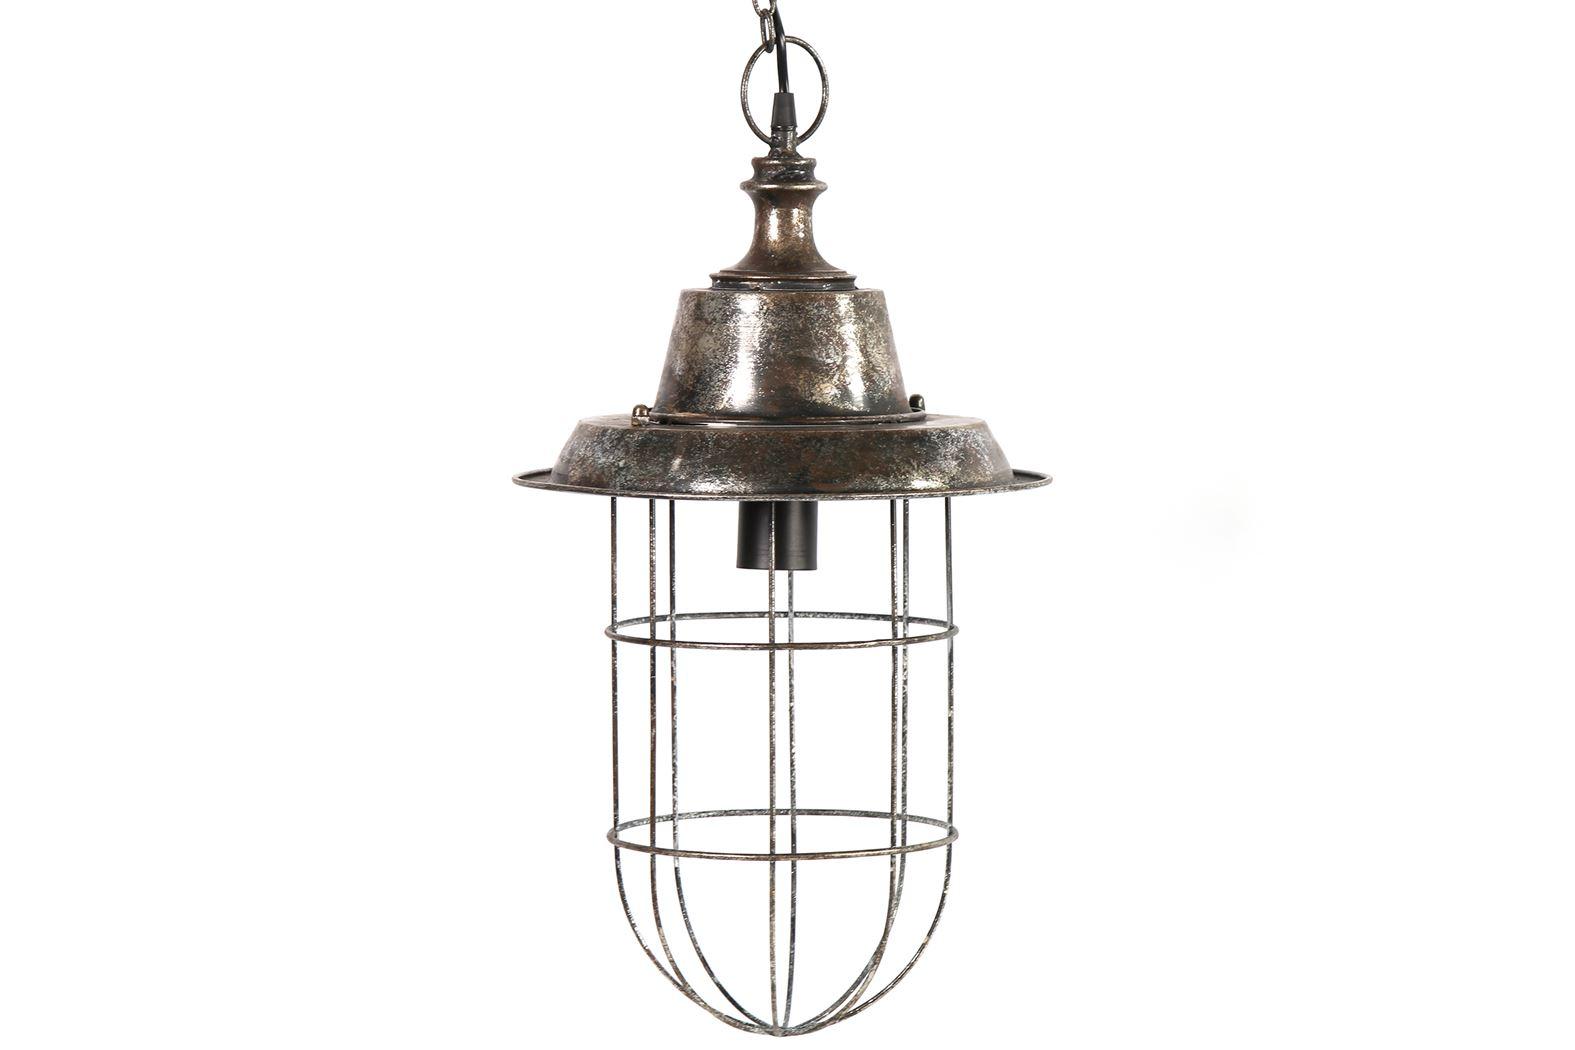 hanglamp e27 dawne grijs (220-240v)